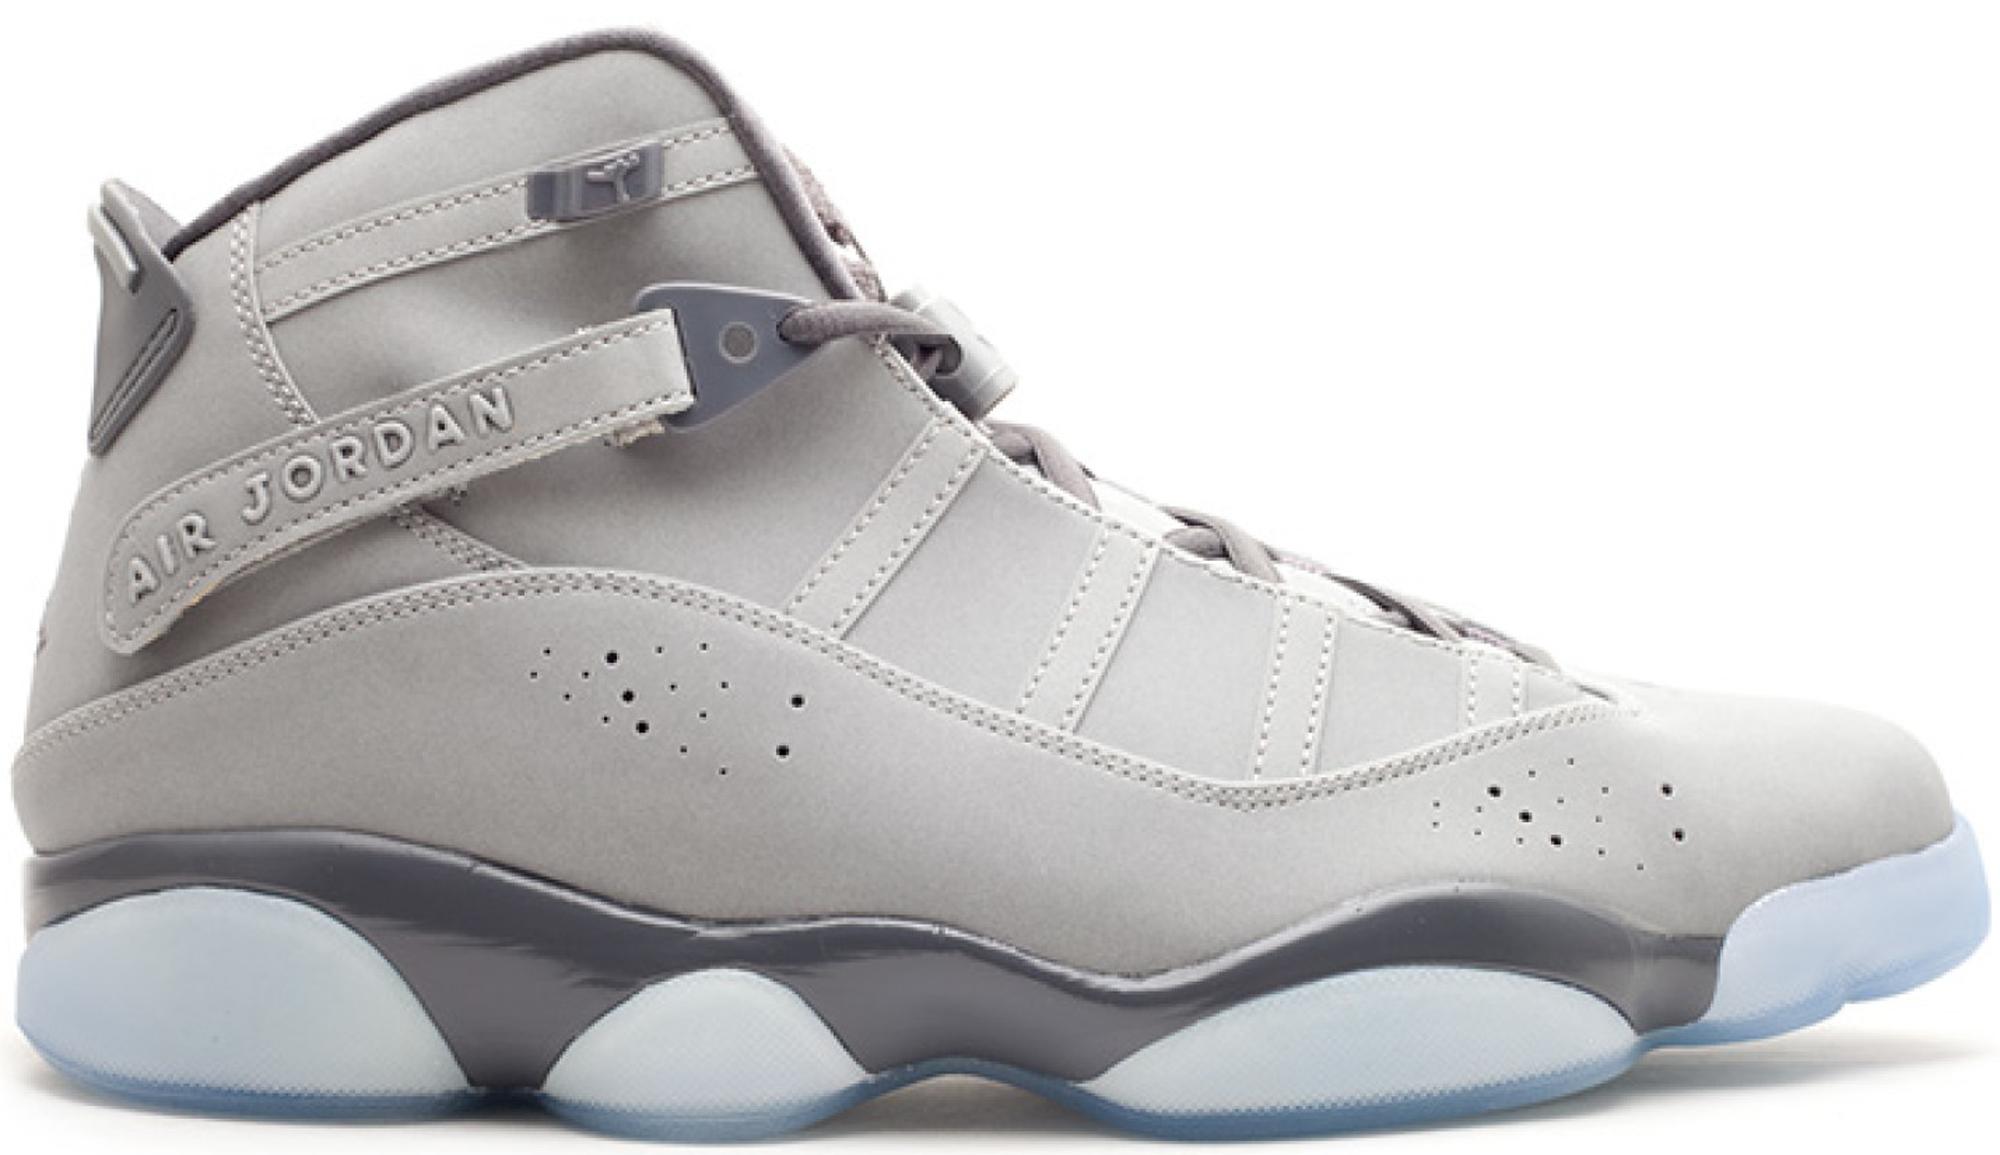 Jordan 6 Rings 3M - 322992-001